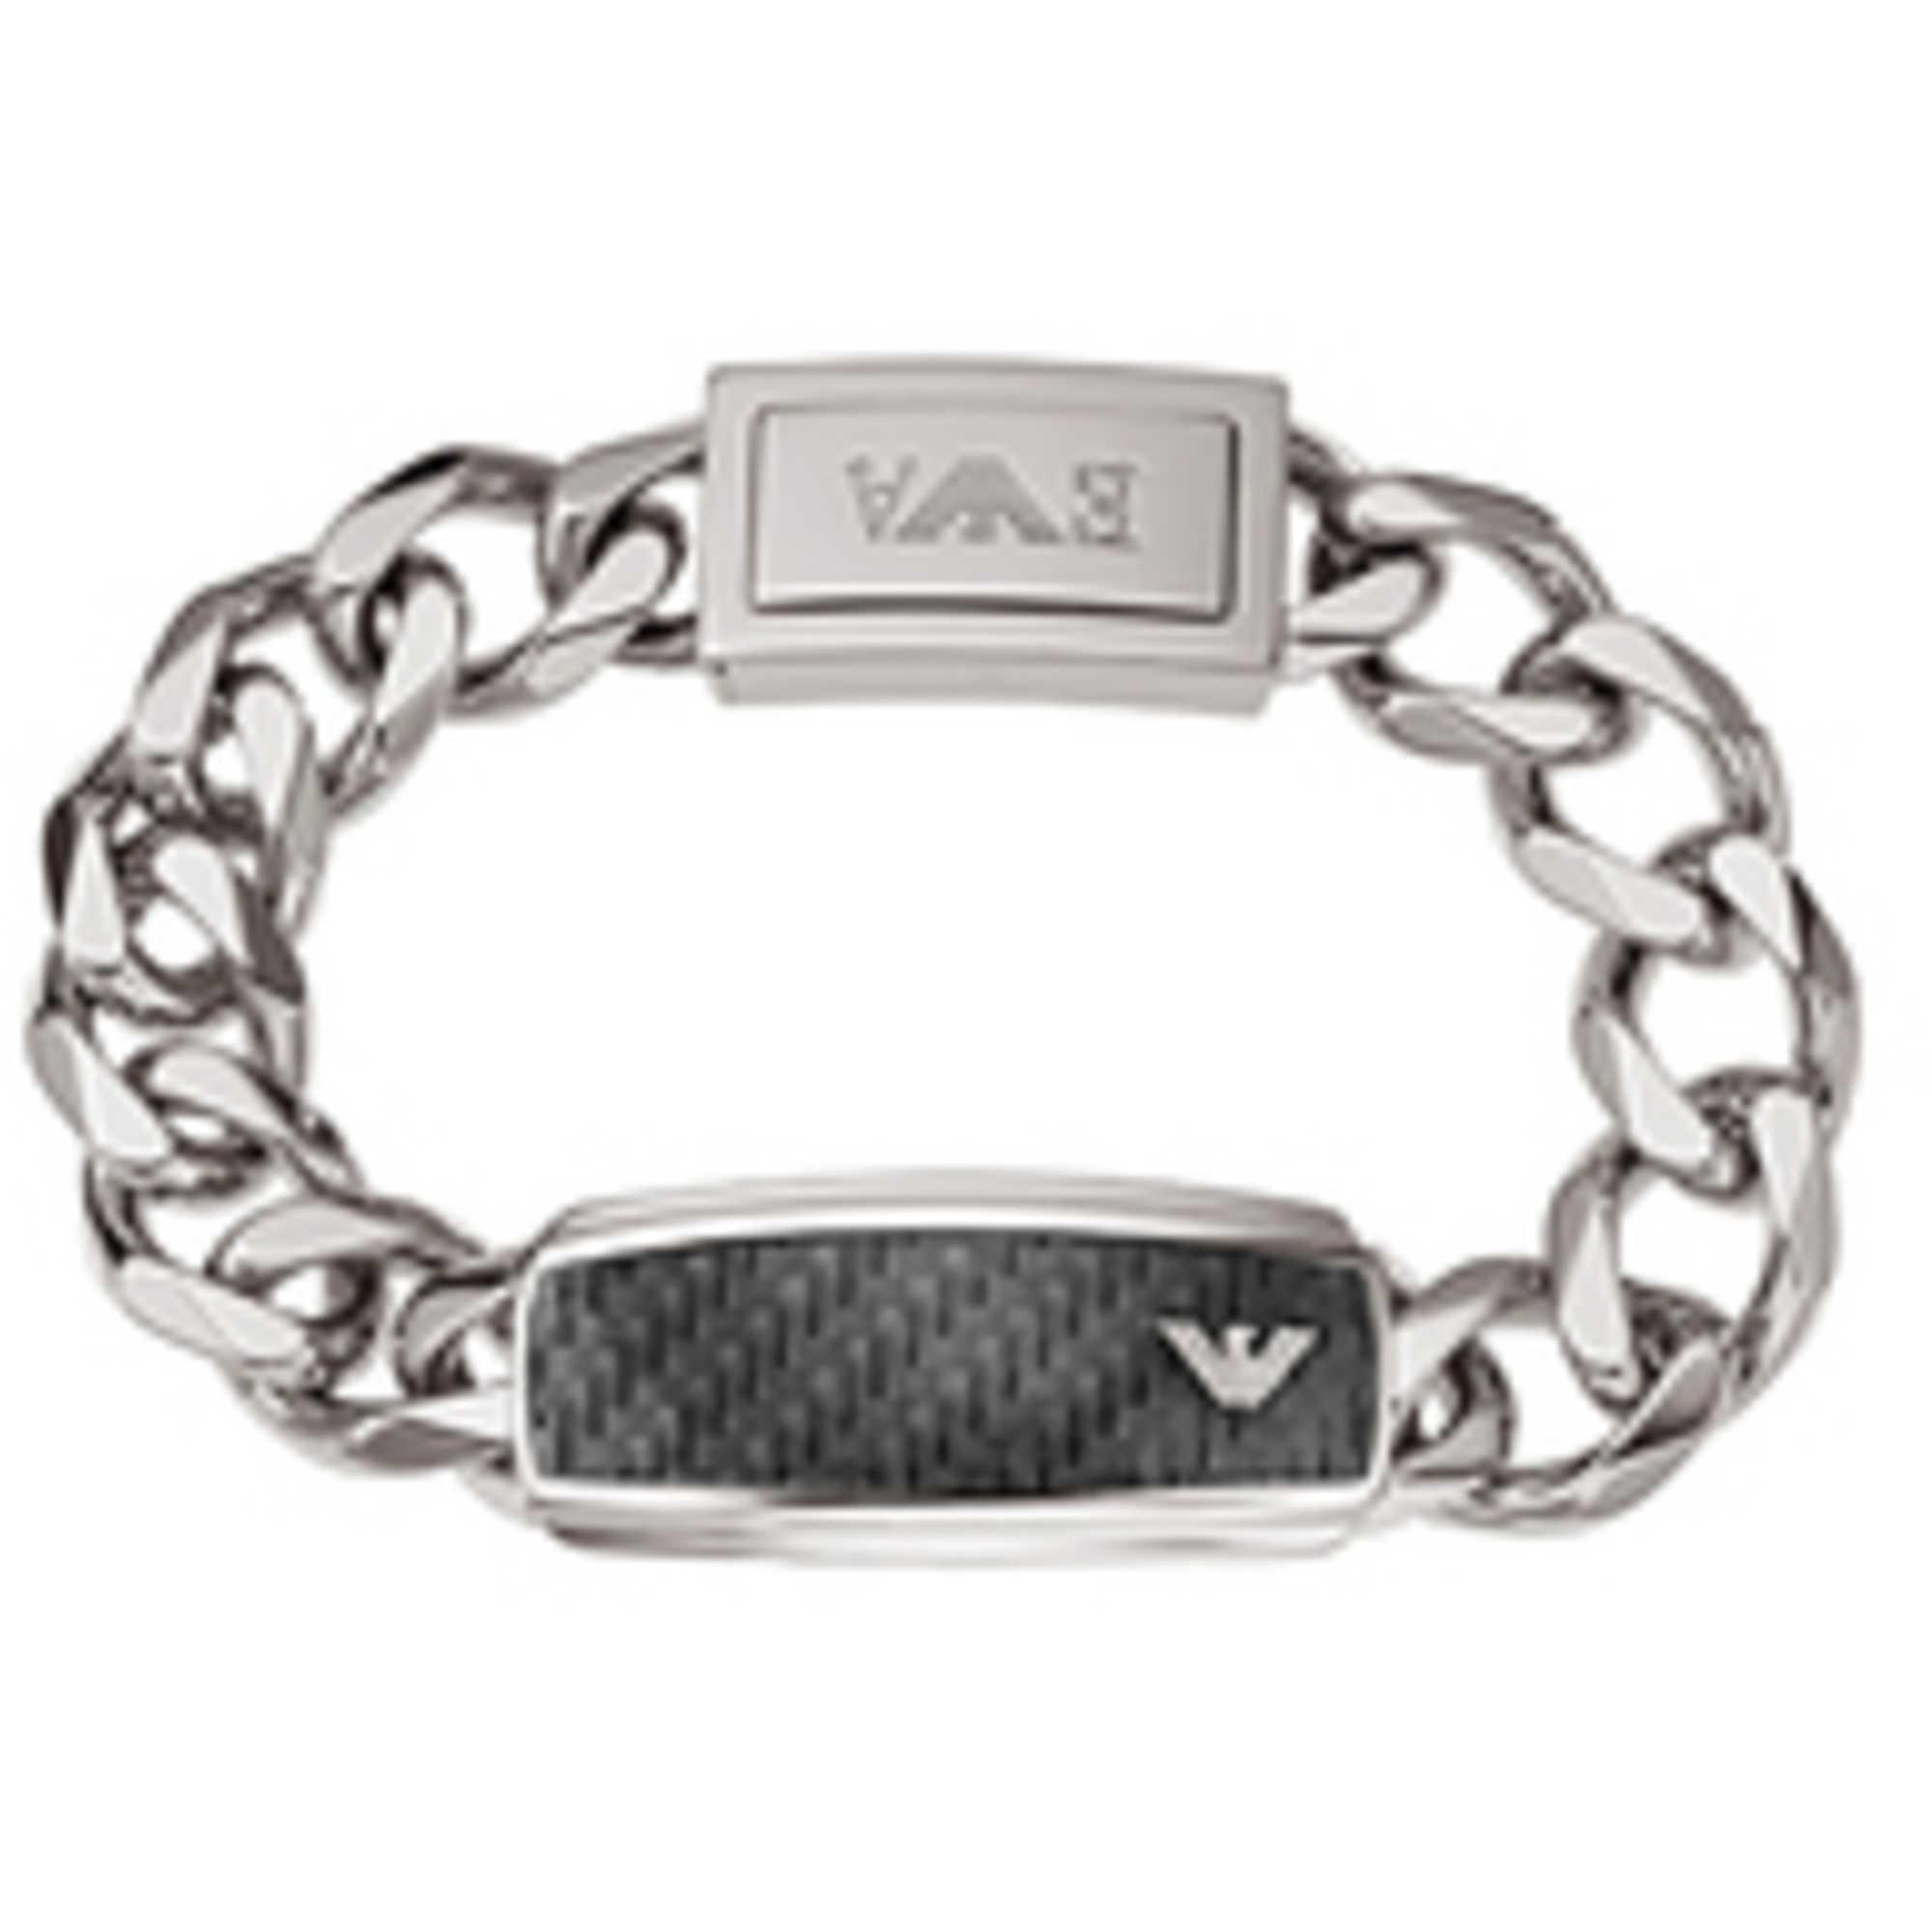 bracelet man jewellery Emporio Armani Signature EGS1688040 bracelets ... 9f9d3a3dad5